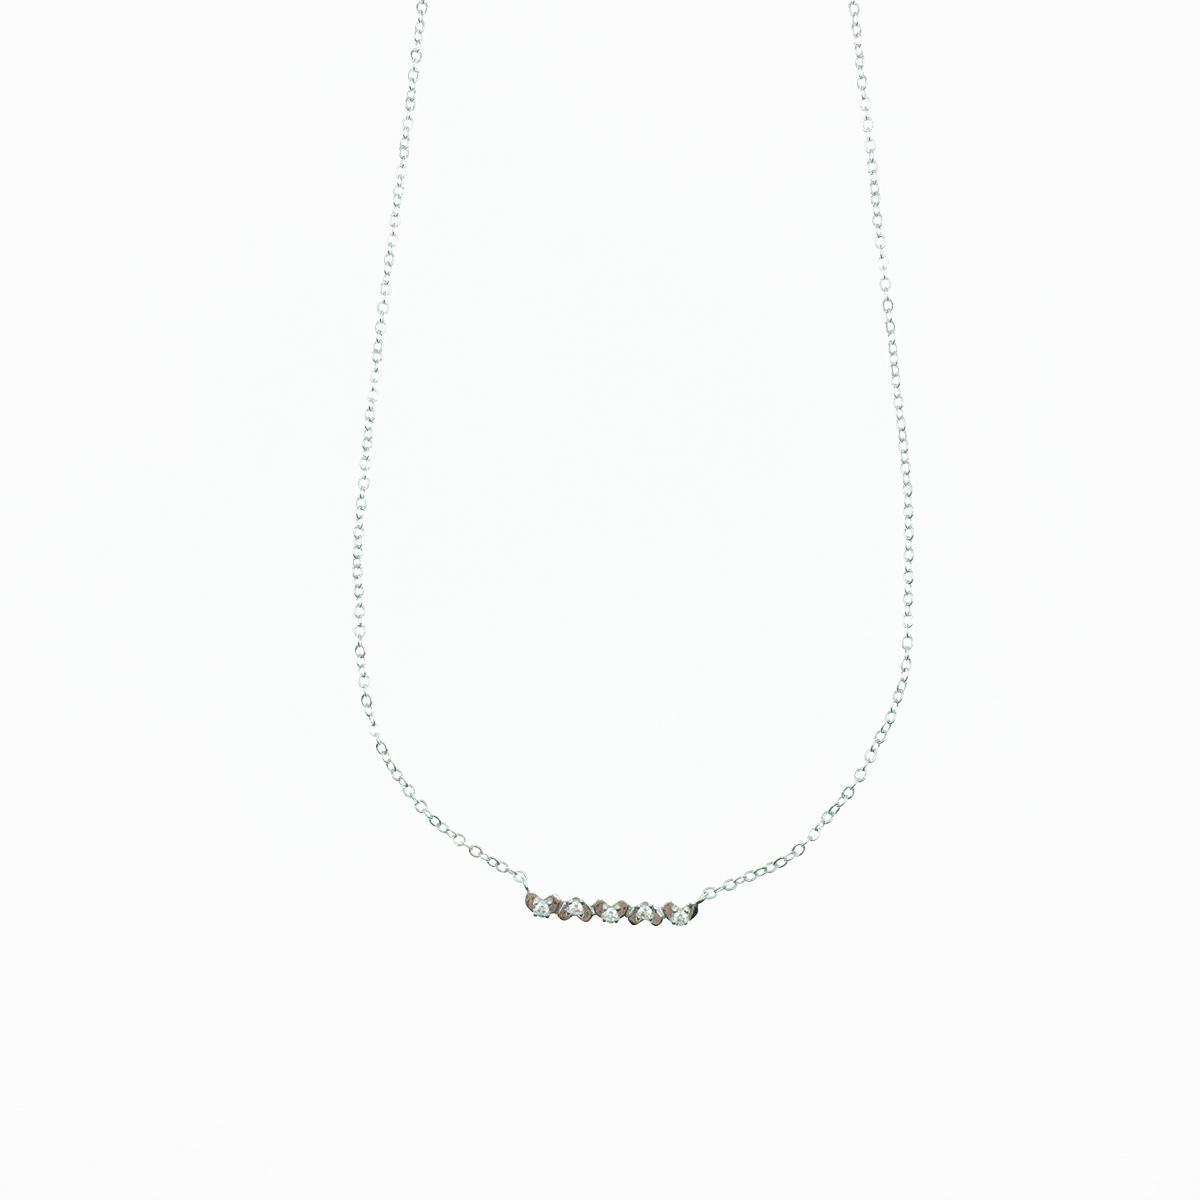 韓國 水鑽 愛心 百搭款 甜美 精緻 項鍊